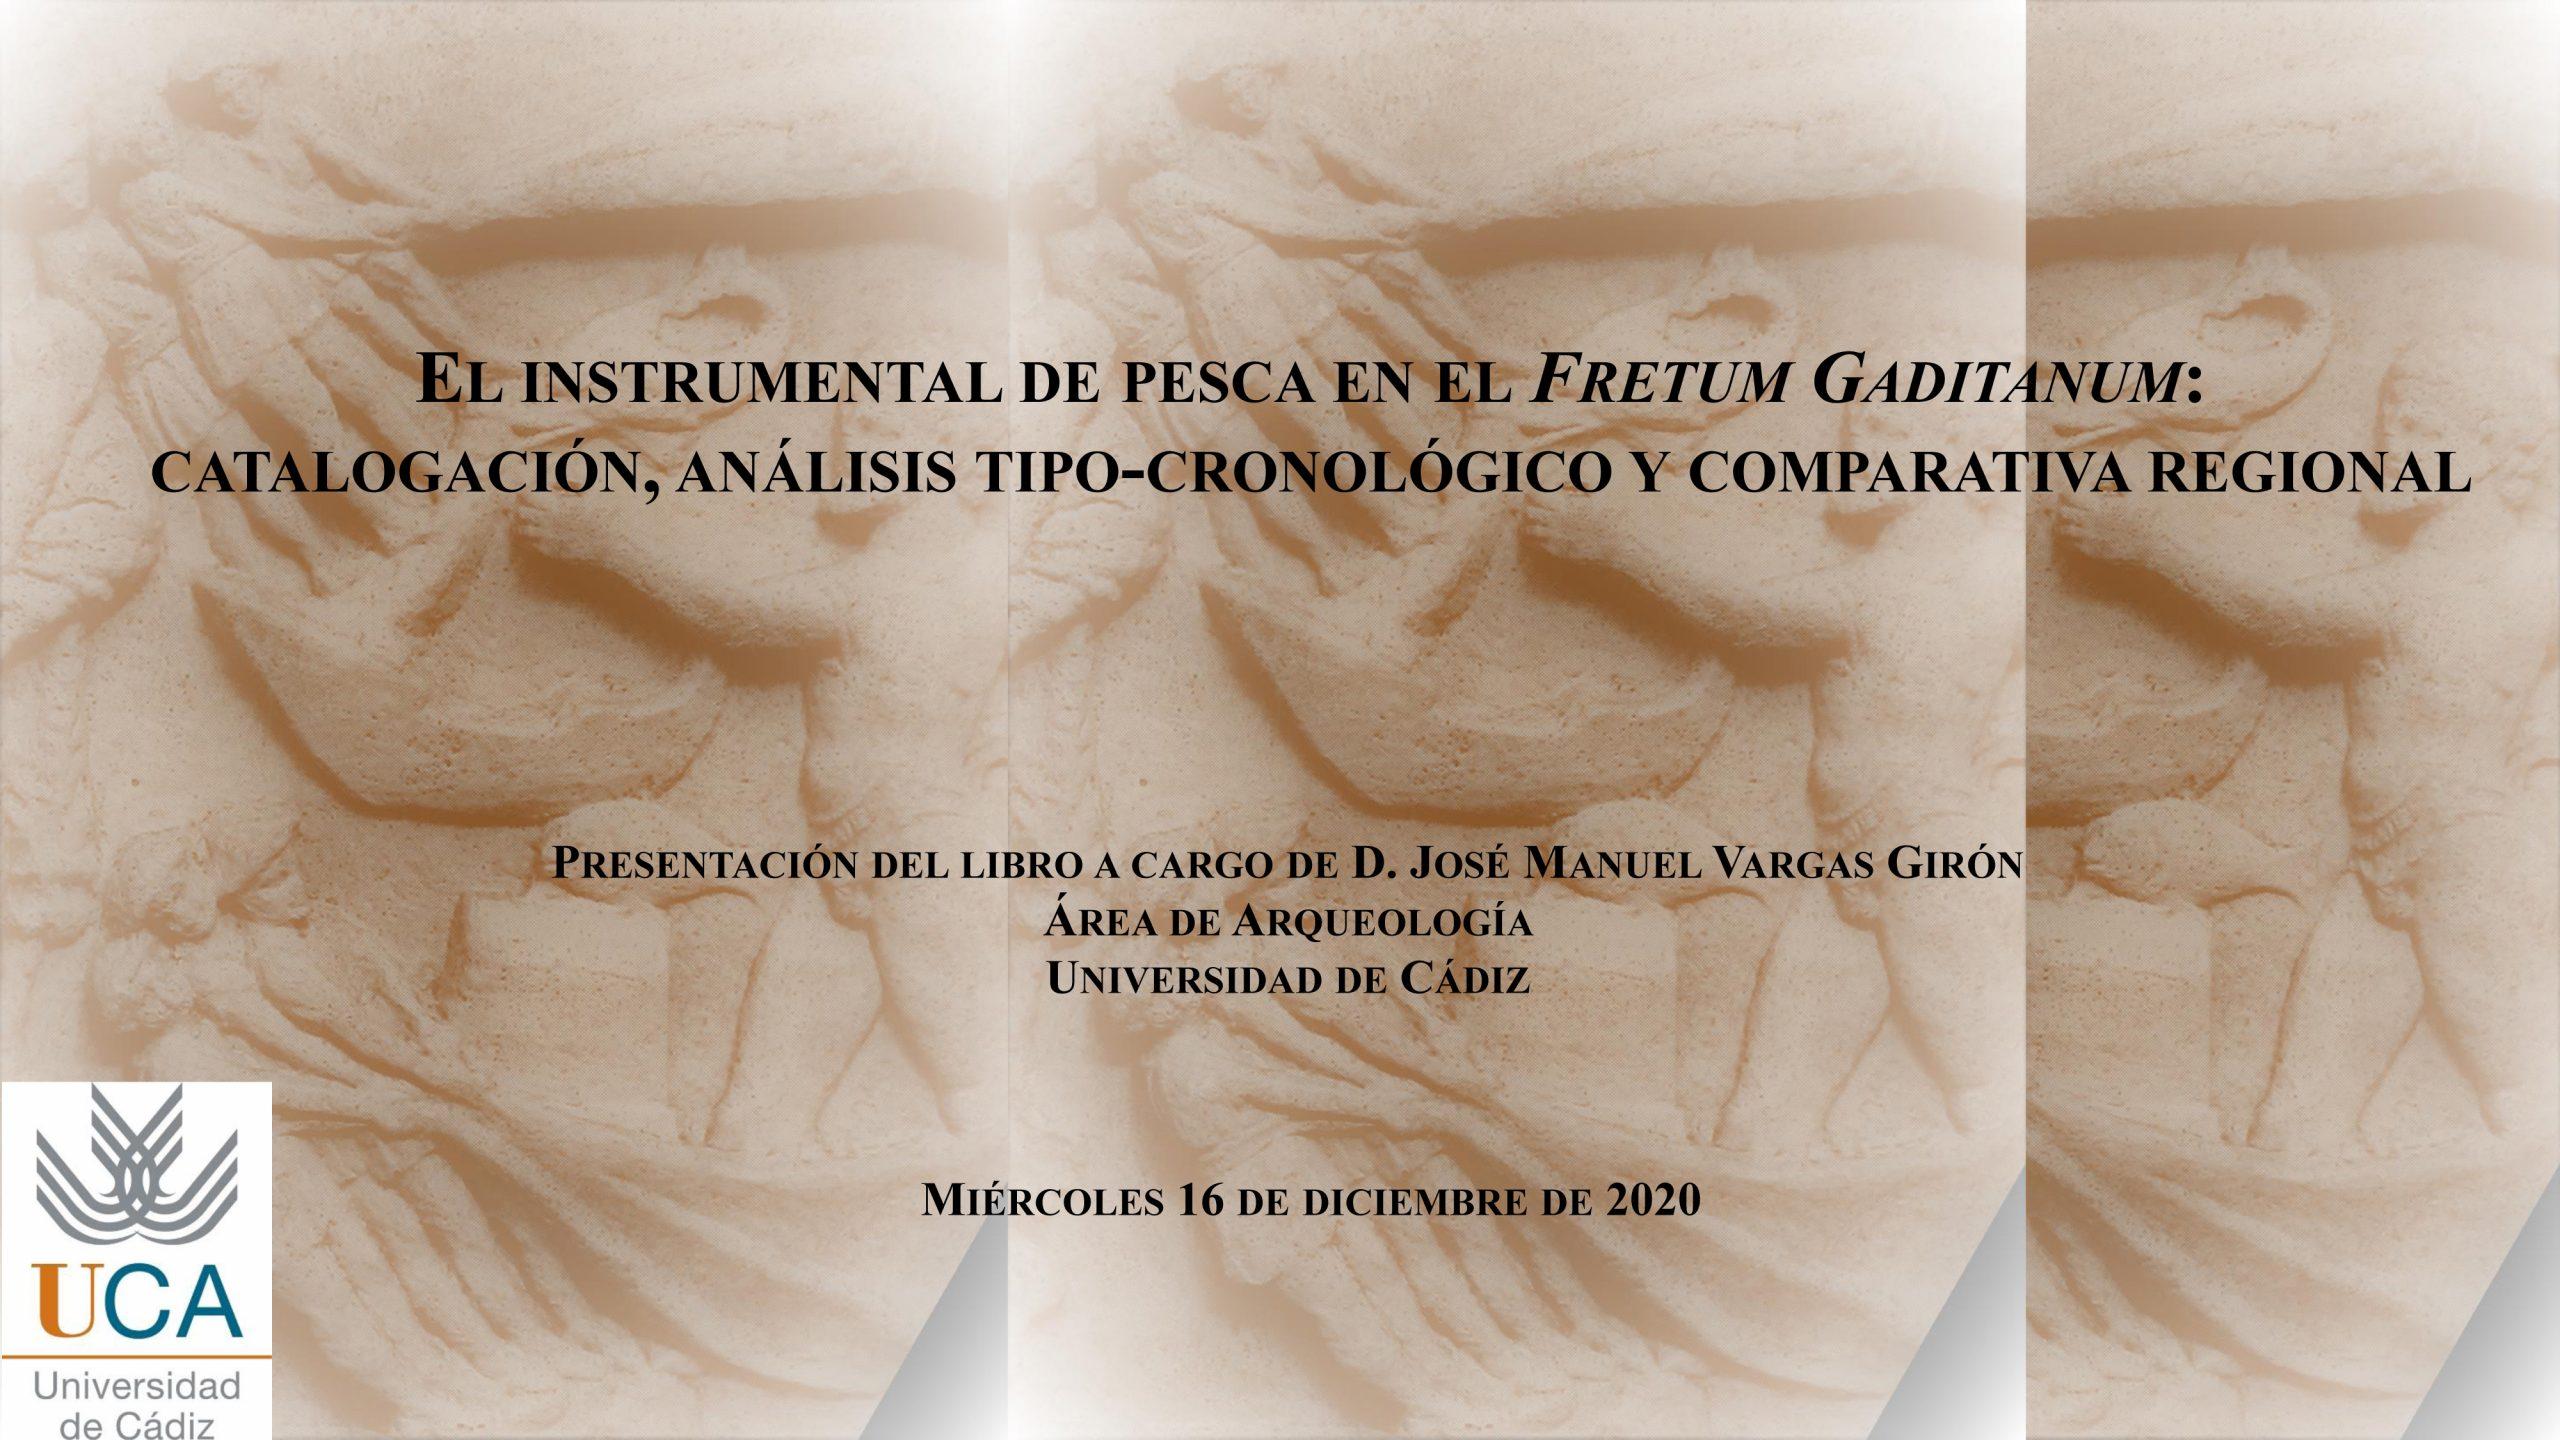 Presentación del libro El instrumental de pesca en el Fretum Gaditanum